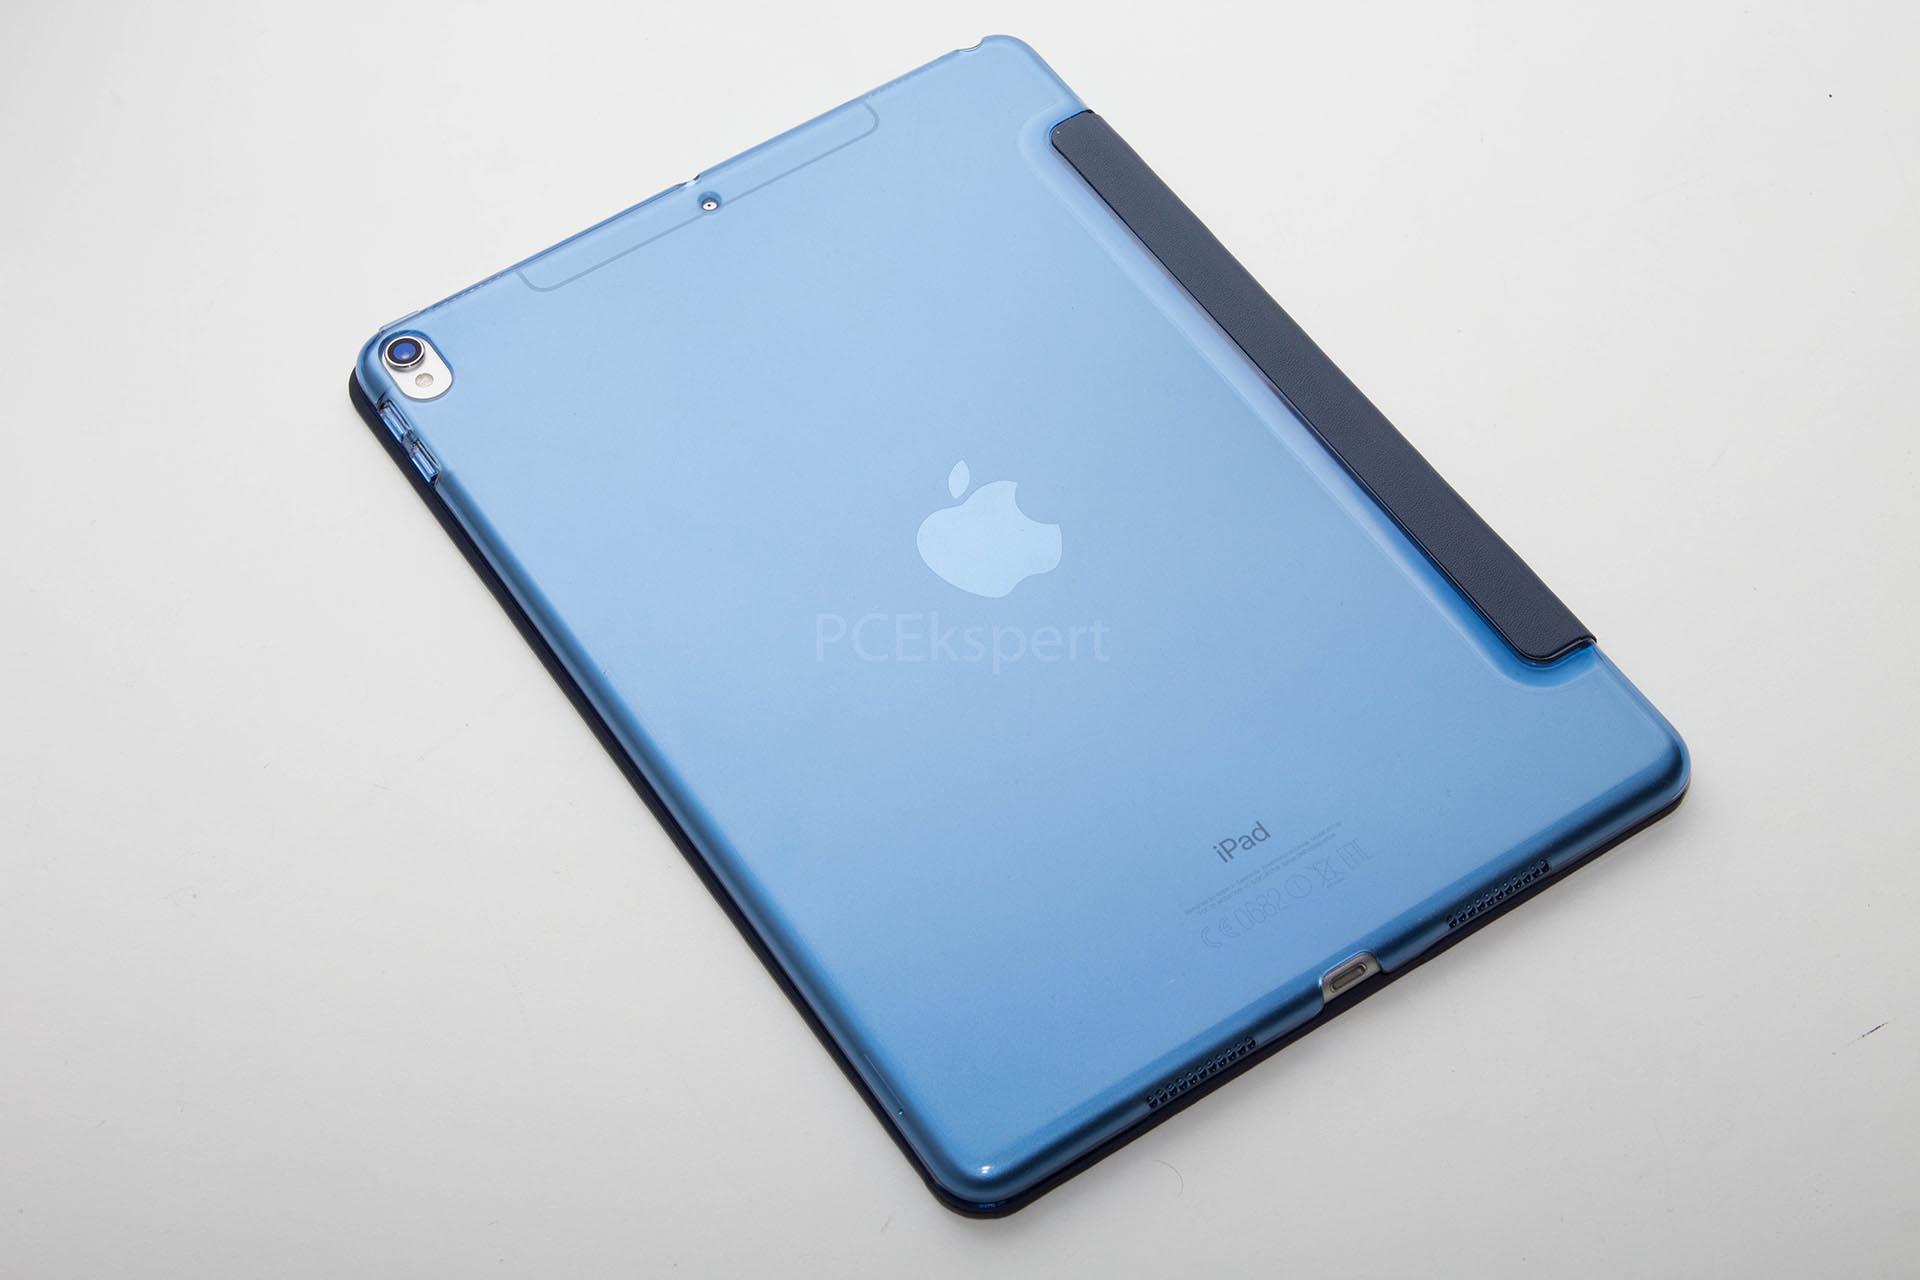 Brzi test - Jison iPad Pro 10.5